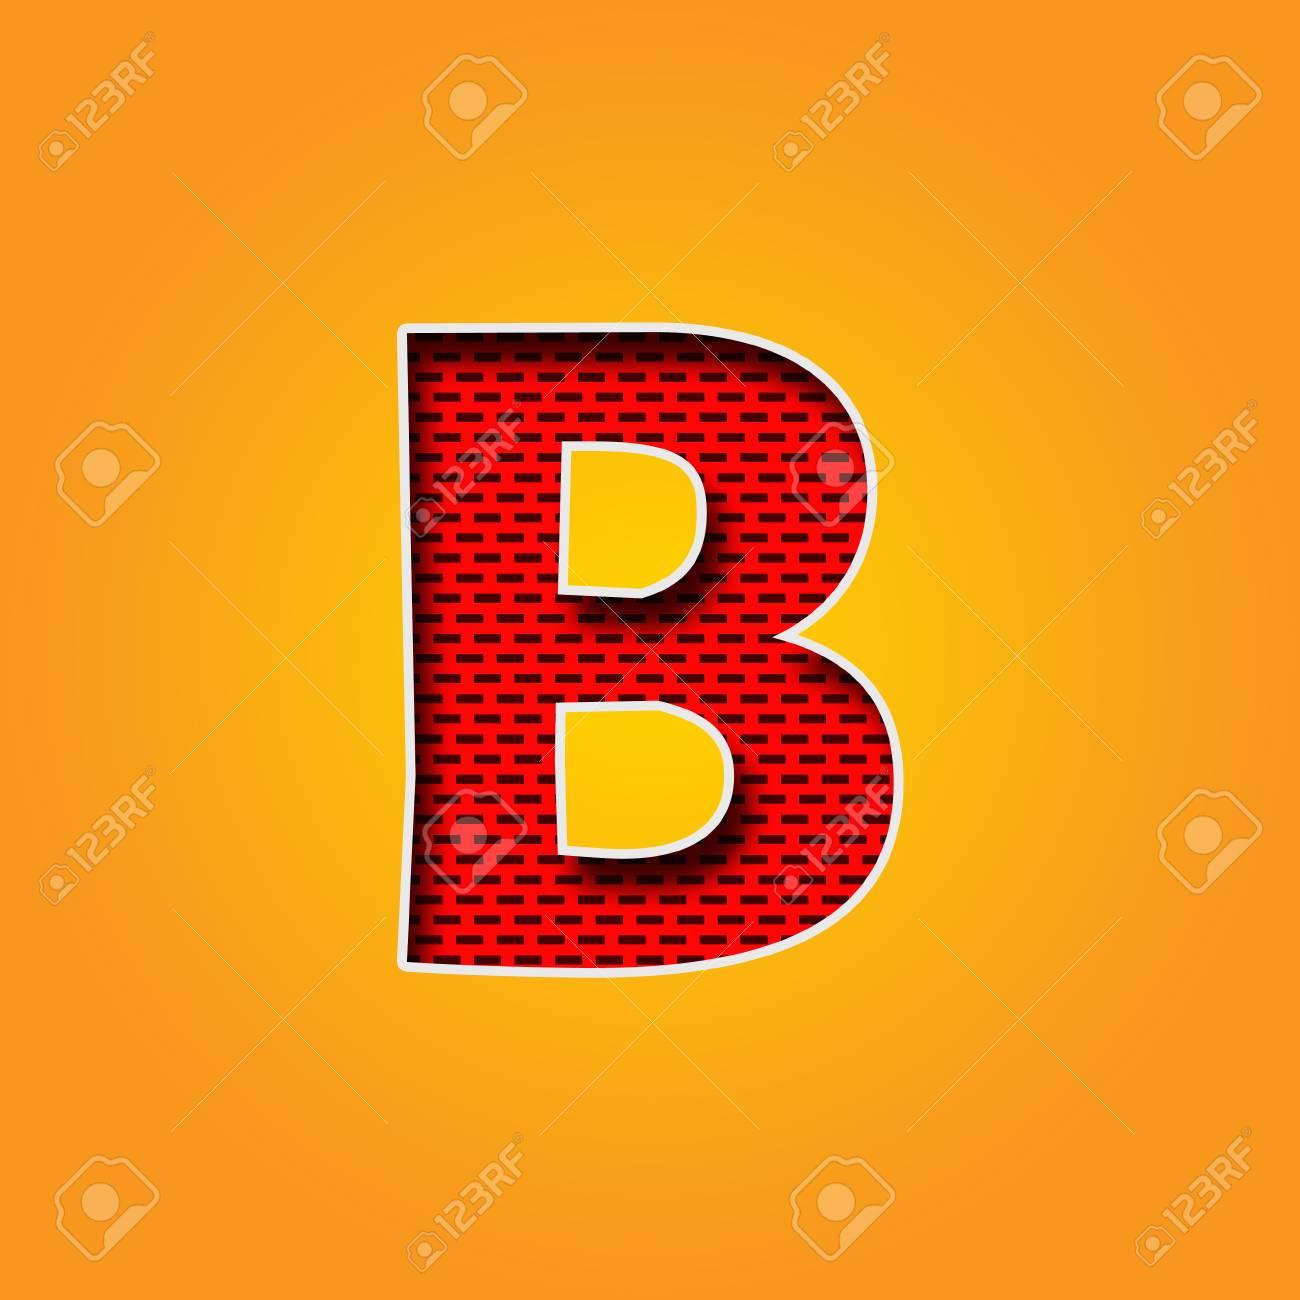 Police De Caractère Unique B En Alphabet De Couleur Orange Et Jaune ...